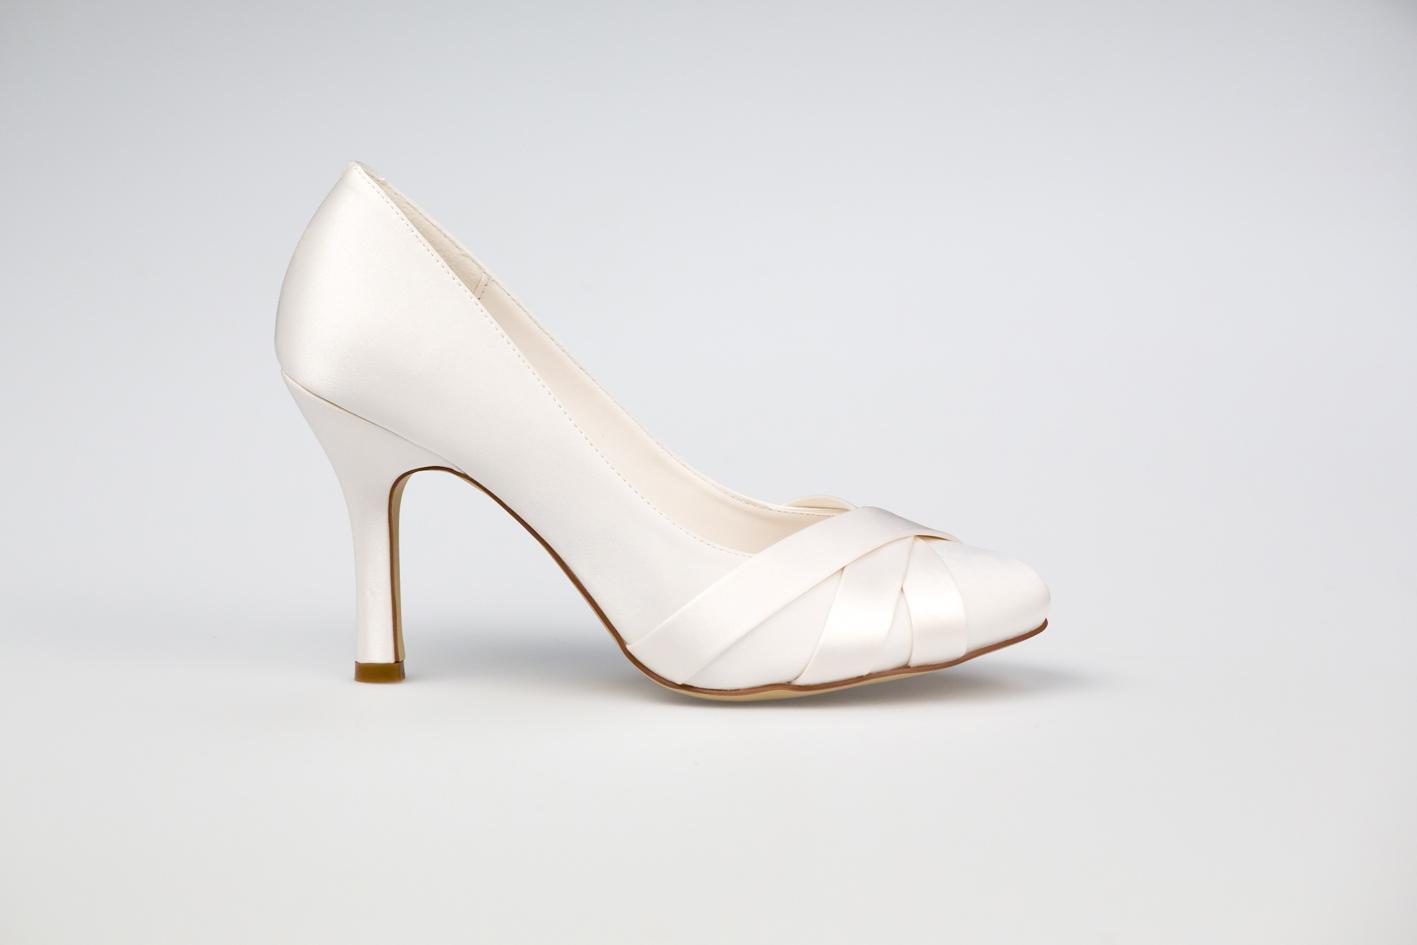 Svadobné topánky Greta, G. Westerleigh  - Obrázok č. 2